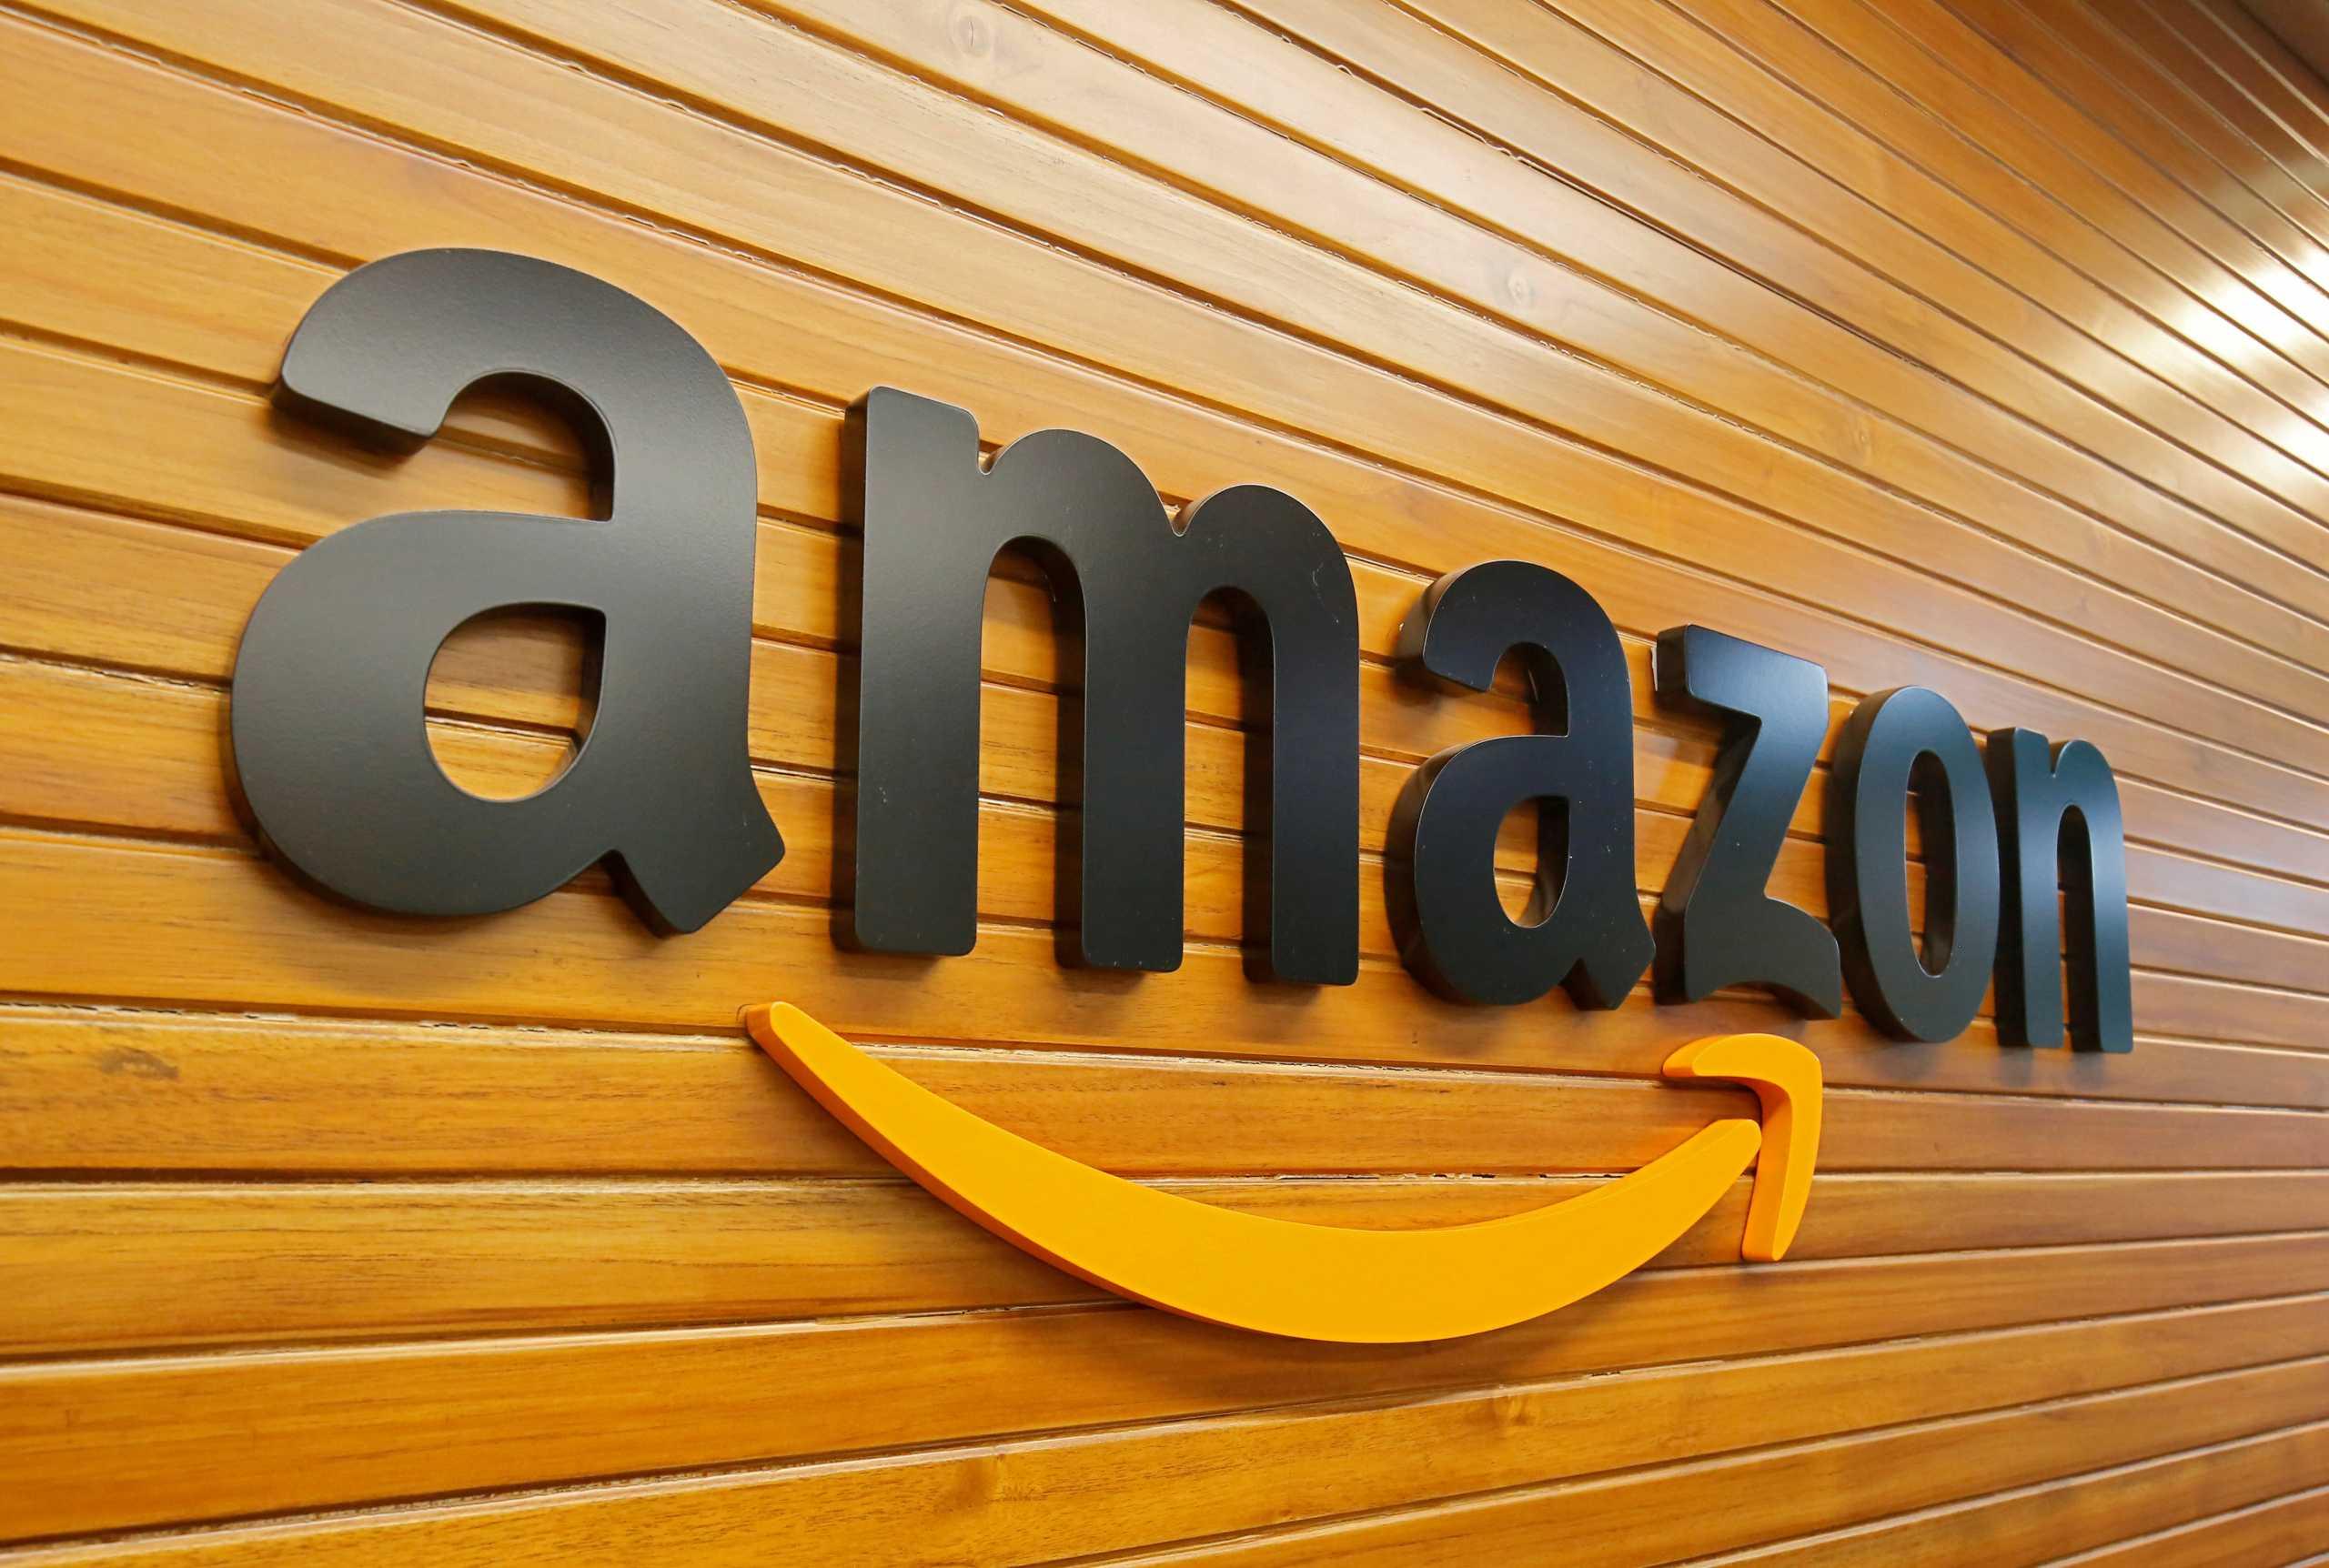 Ισπανία: Με αύξηση των τελών απαντά η Amazon μετά την επιβολή νέου «ψηφιακού» φόρου